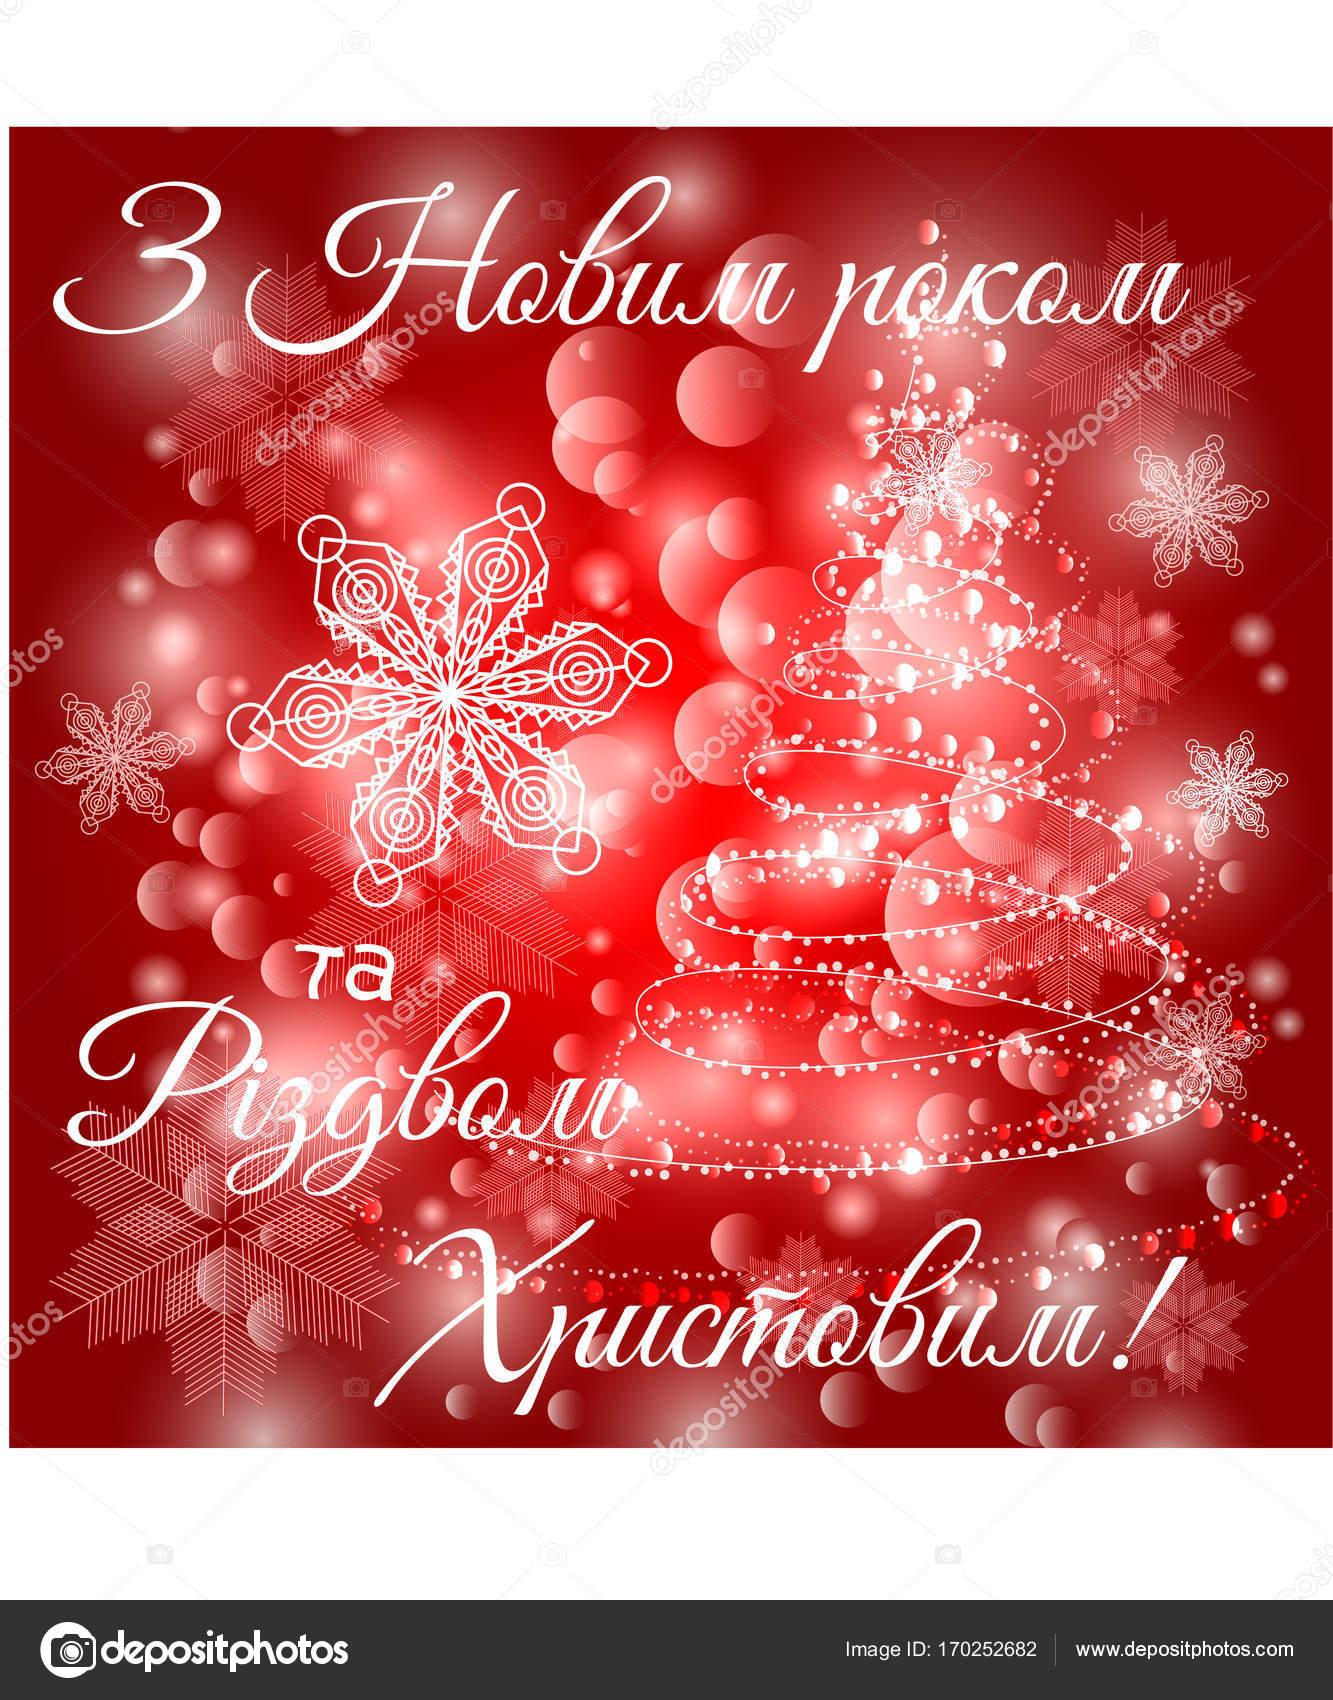 Frohe Weihnachten Ukrainisch.Frohe Weihnachten Ukrainisch Neujahrsblog 2020